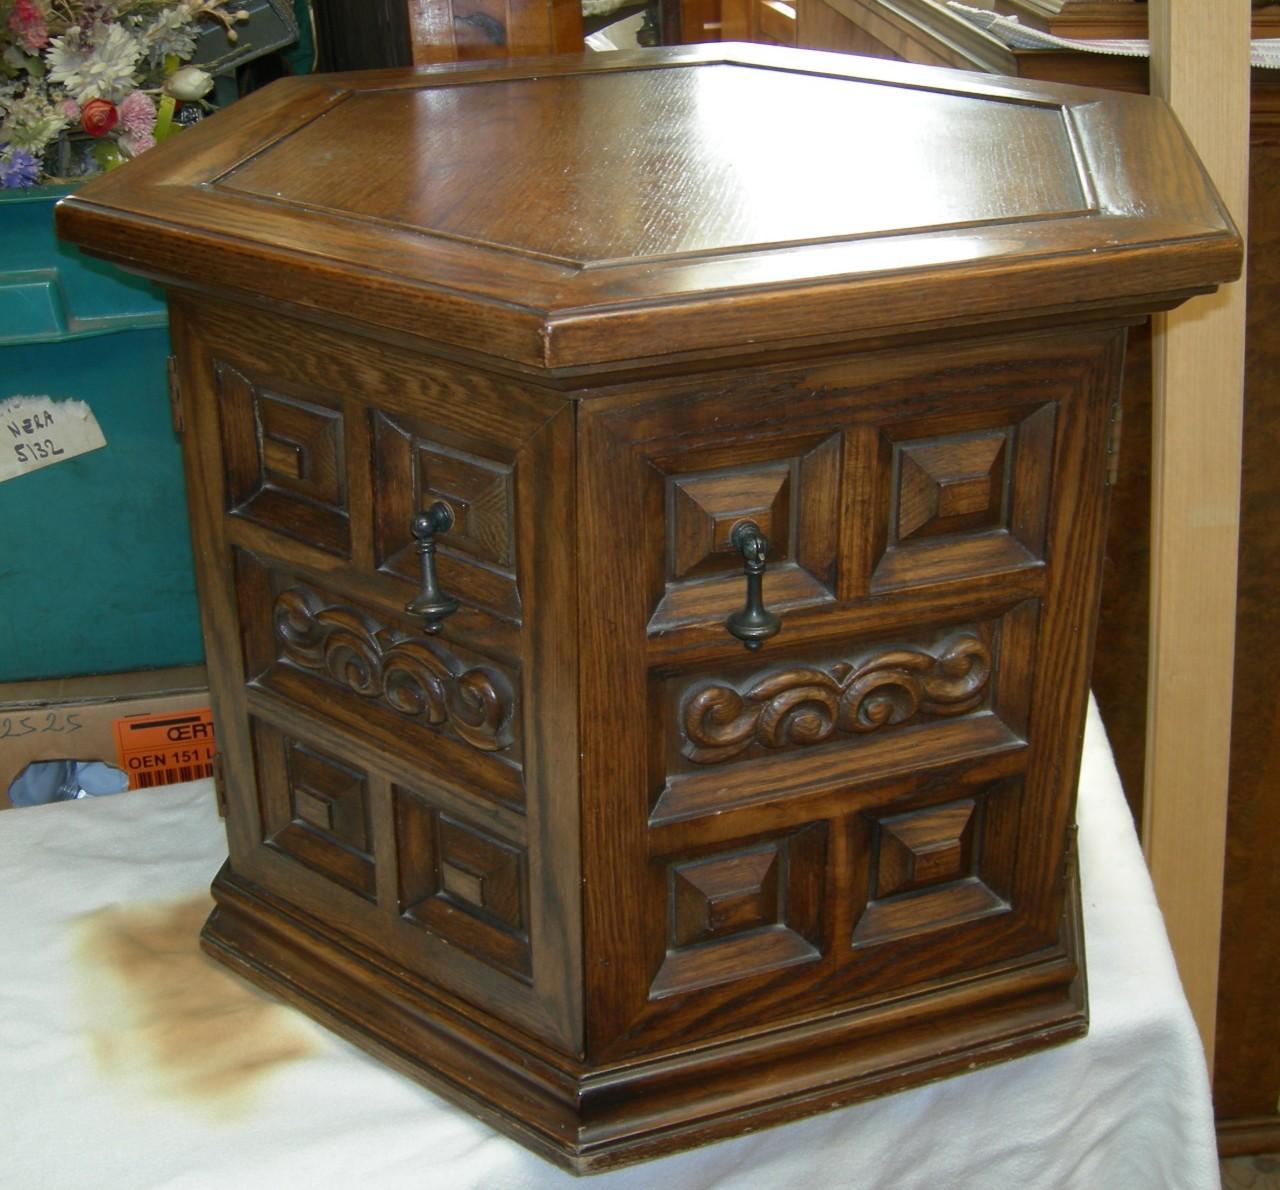 Tavolino da salotto esagonale da rinfrescare - Brocante ...